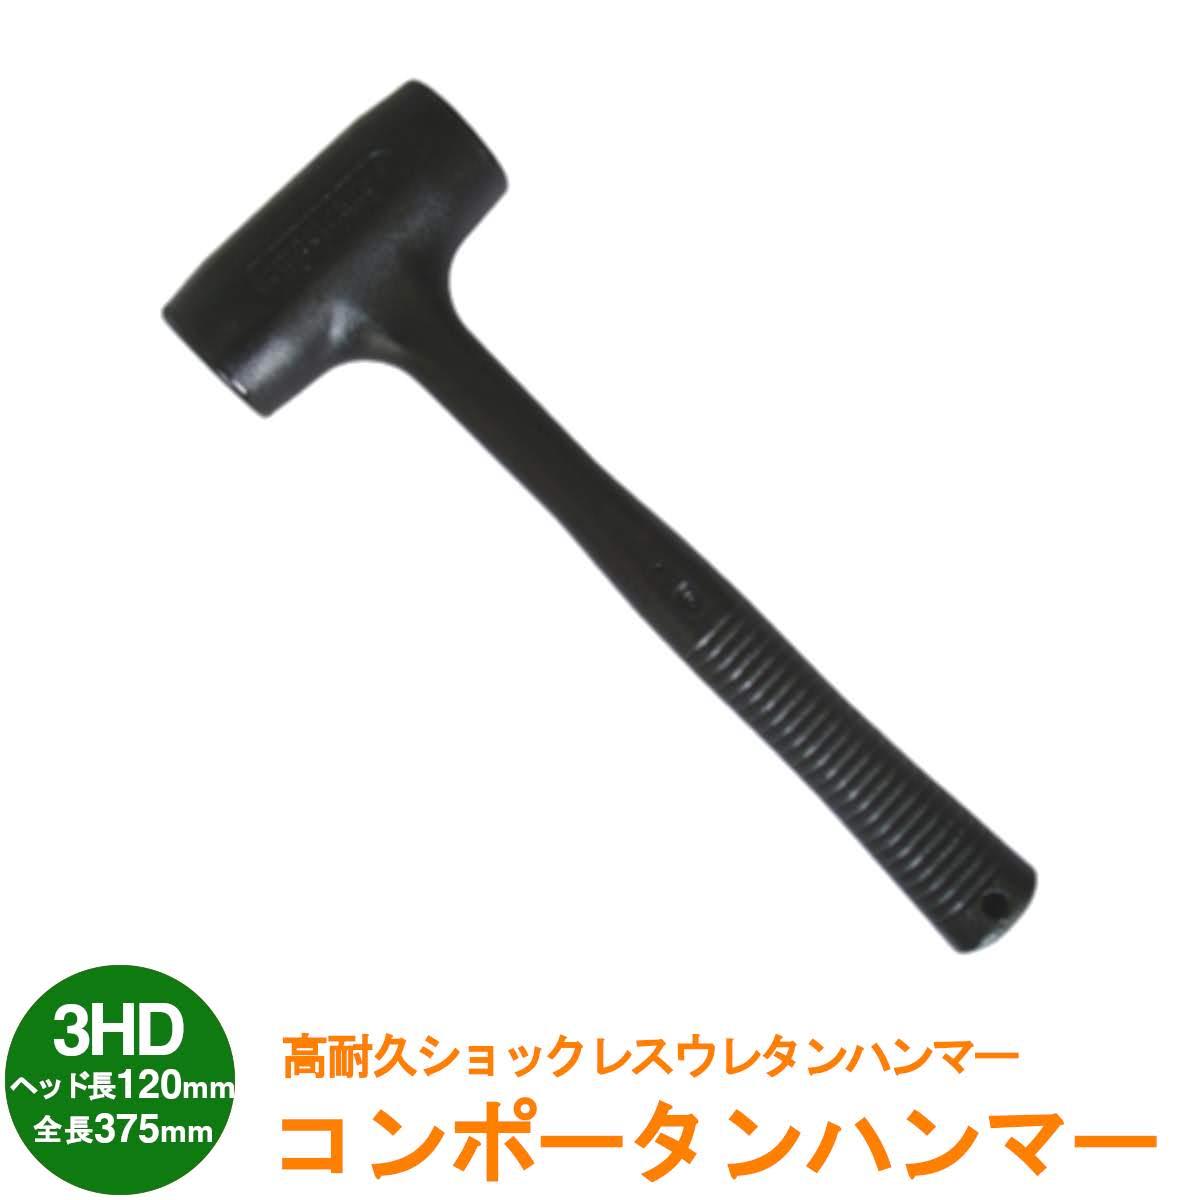 コンポータンハンマー 前田シェルサービス 超耐摩耗製ウレタン ショックレスハンマー 3HD(2.5ポンド)